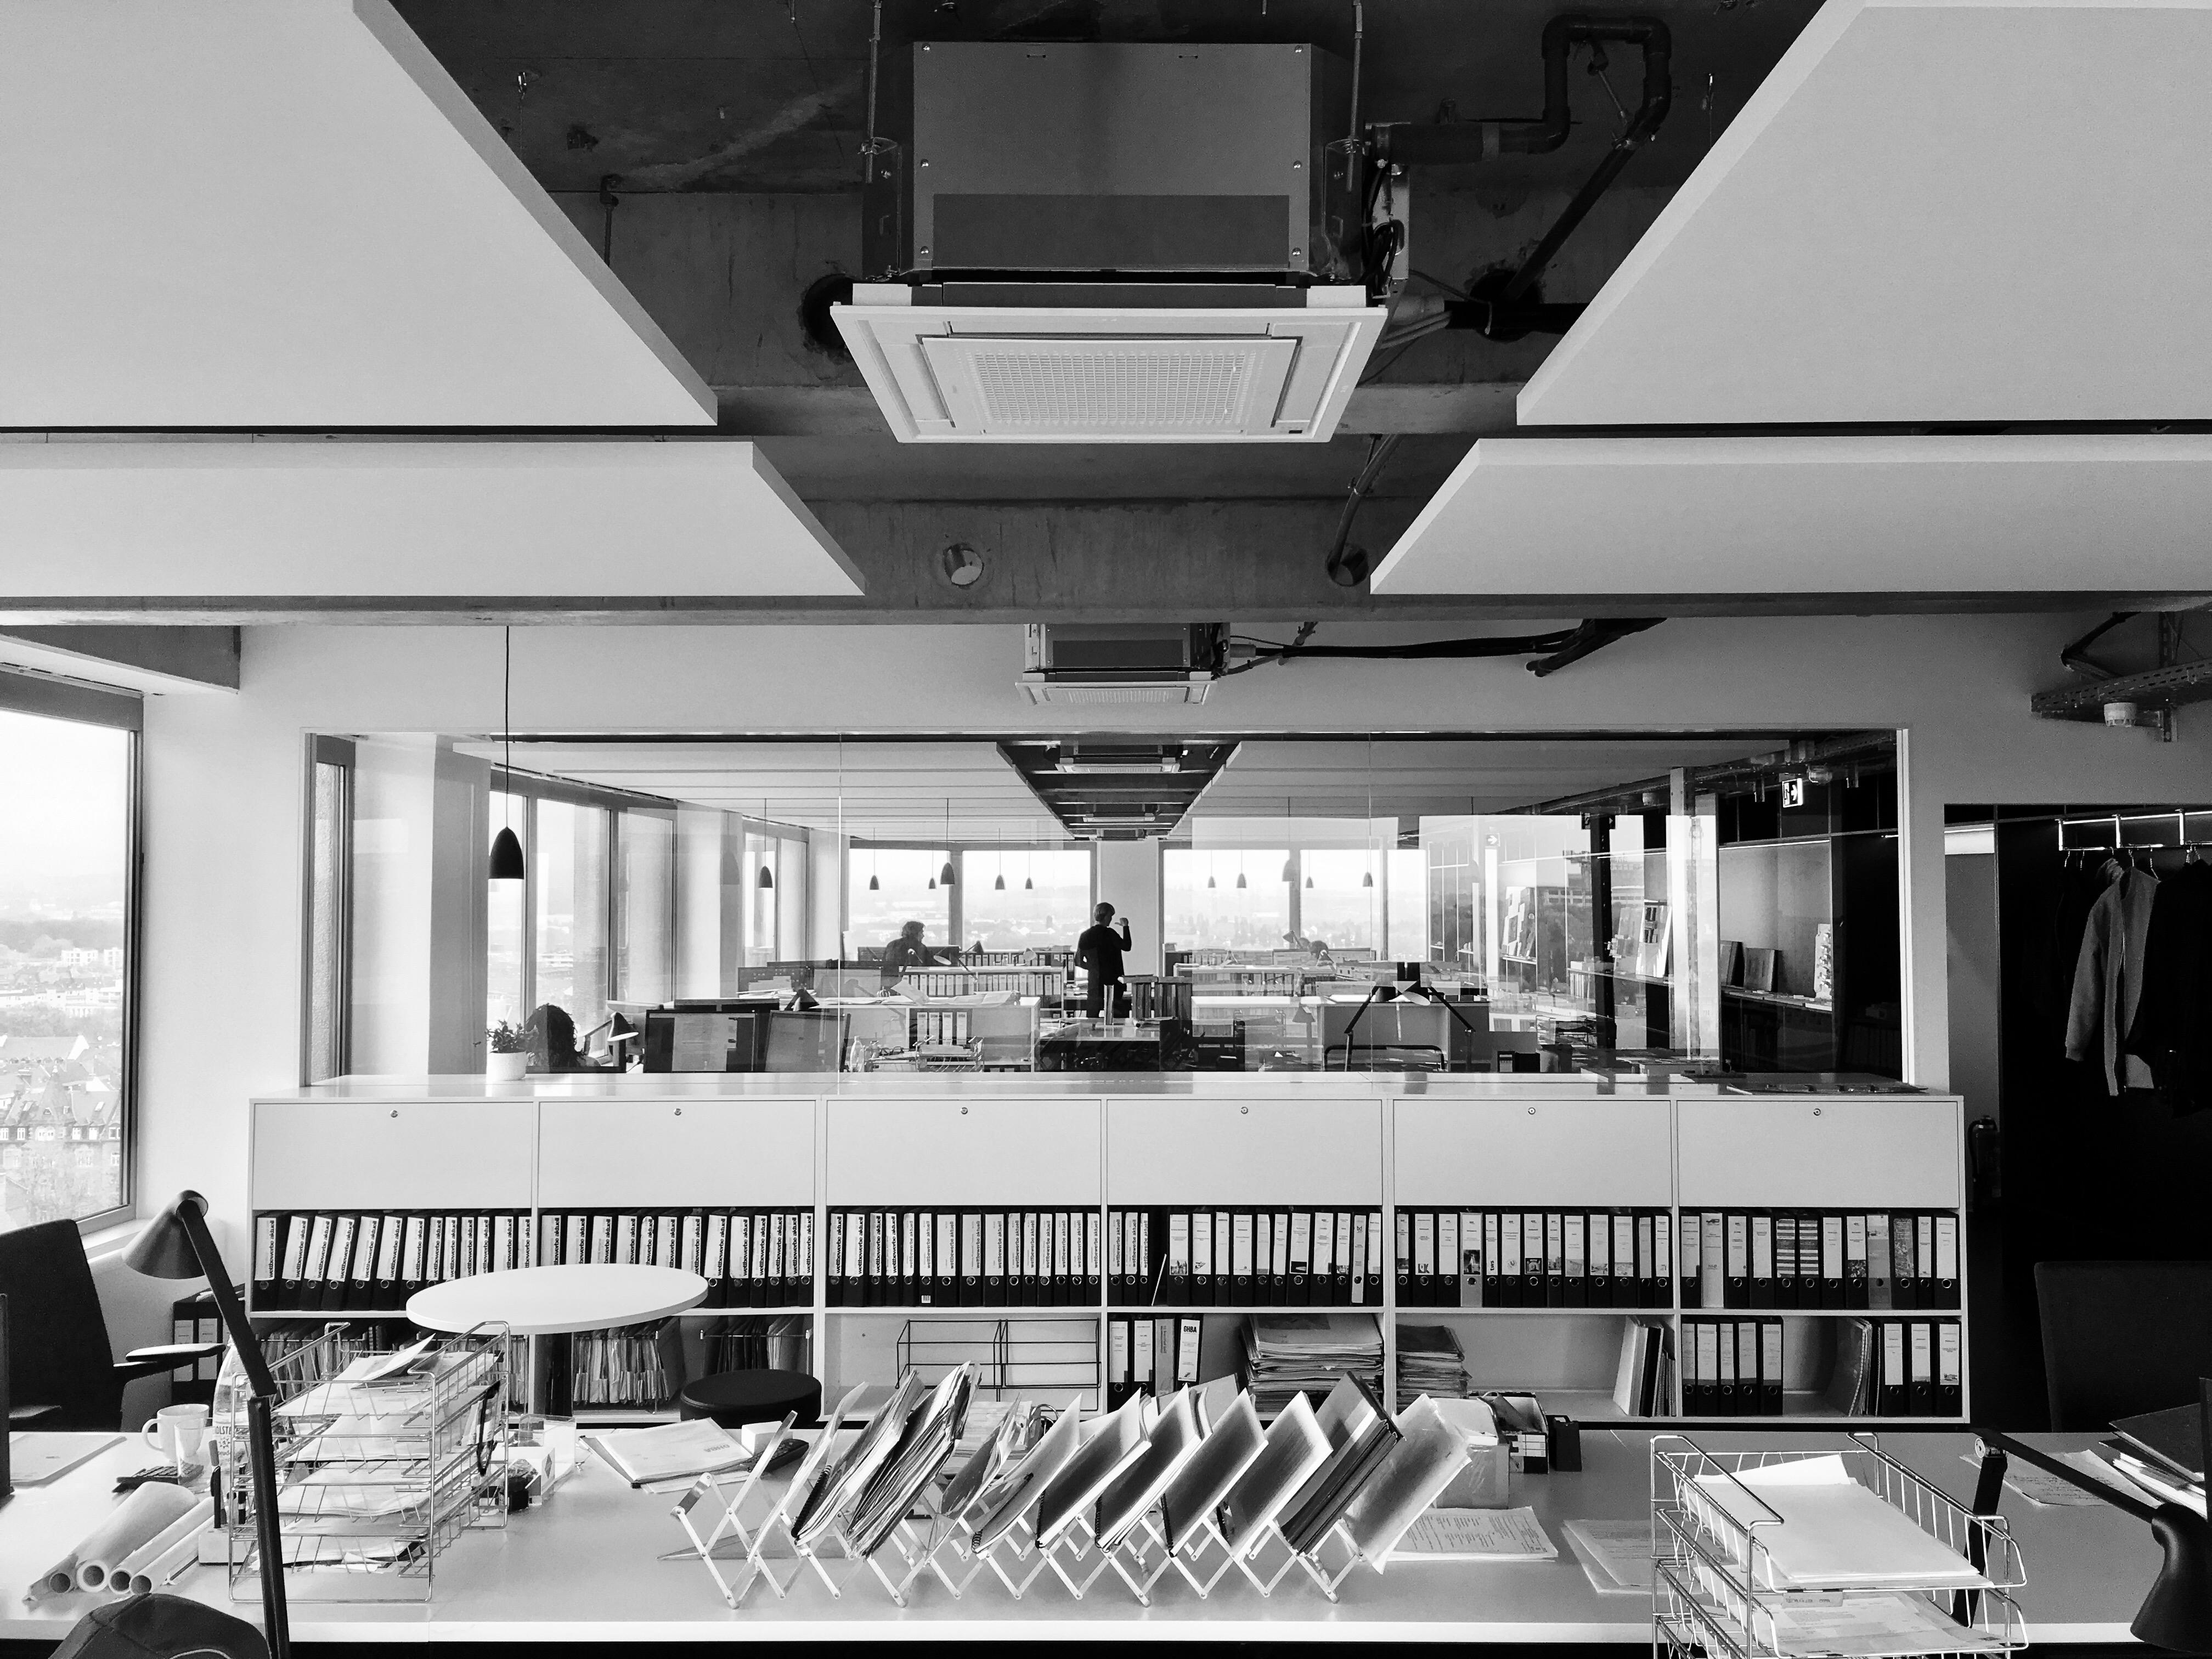 GHBA Industrieplaner Architekten Foto vom Innenraum des Büros